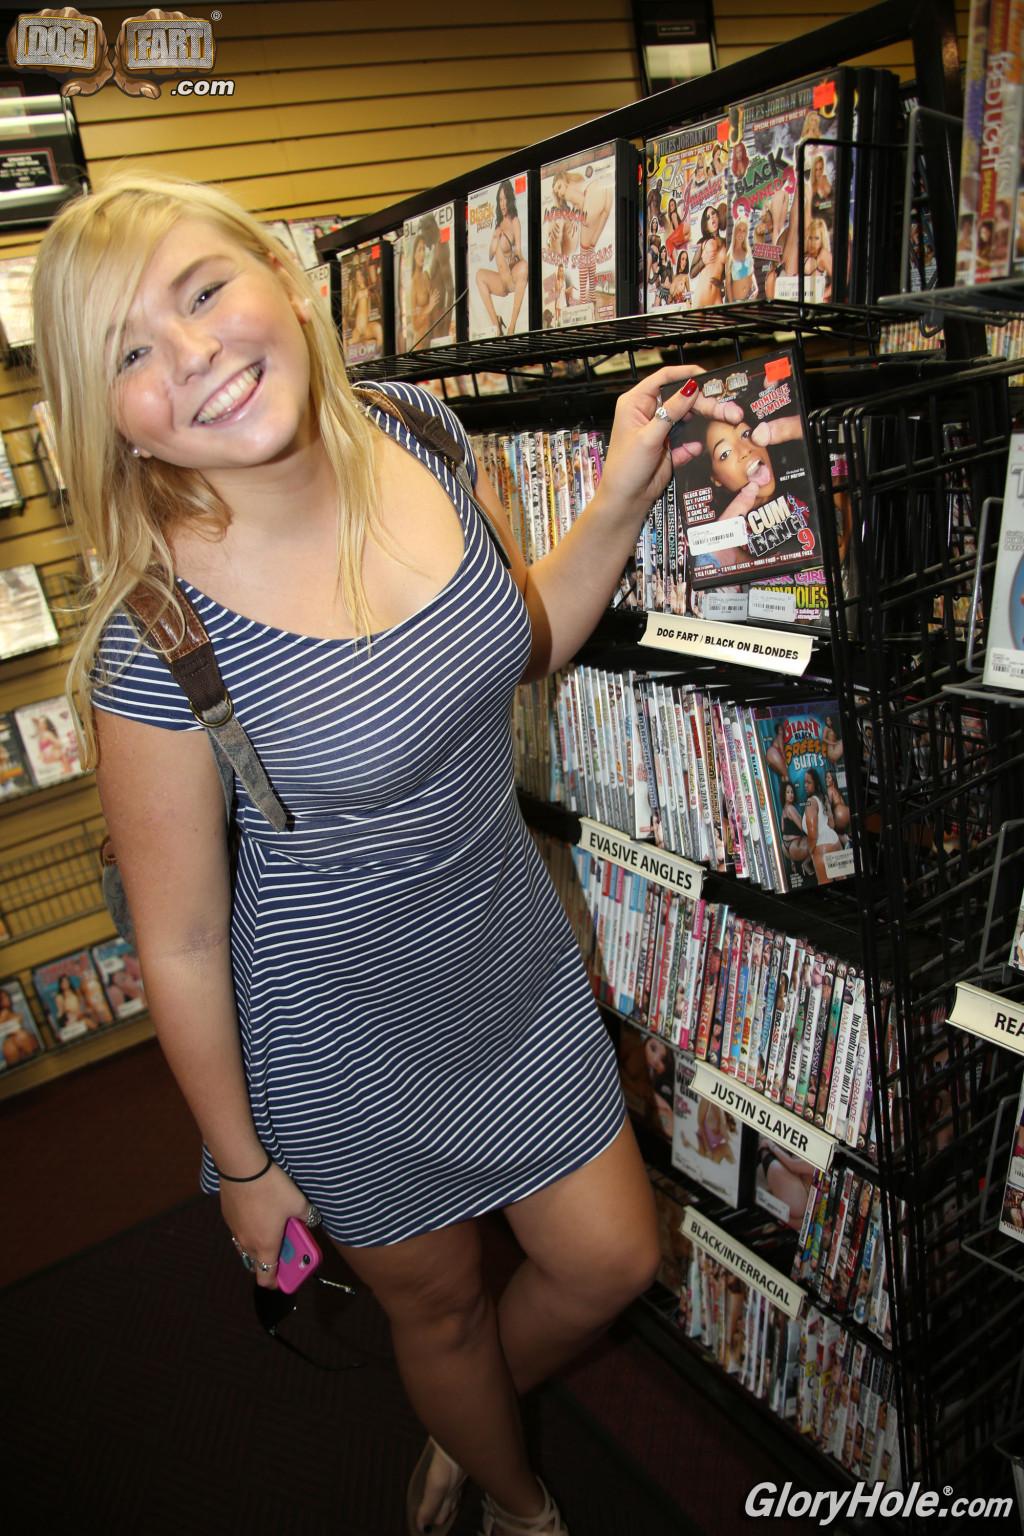 Блондинка после библиотеки занимается сексом с соседом через дырку в стене